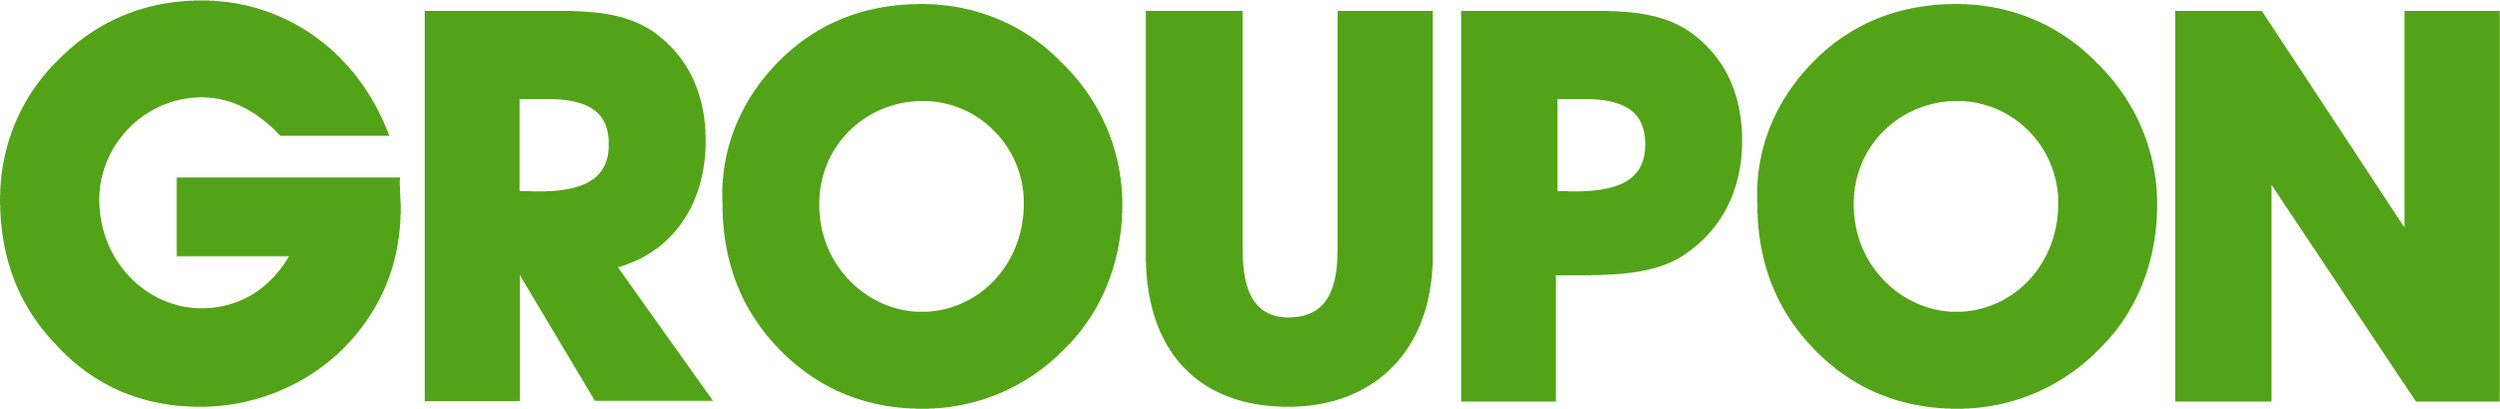 groupon-logo-green@4x-100.jpg